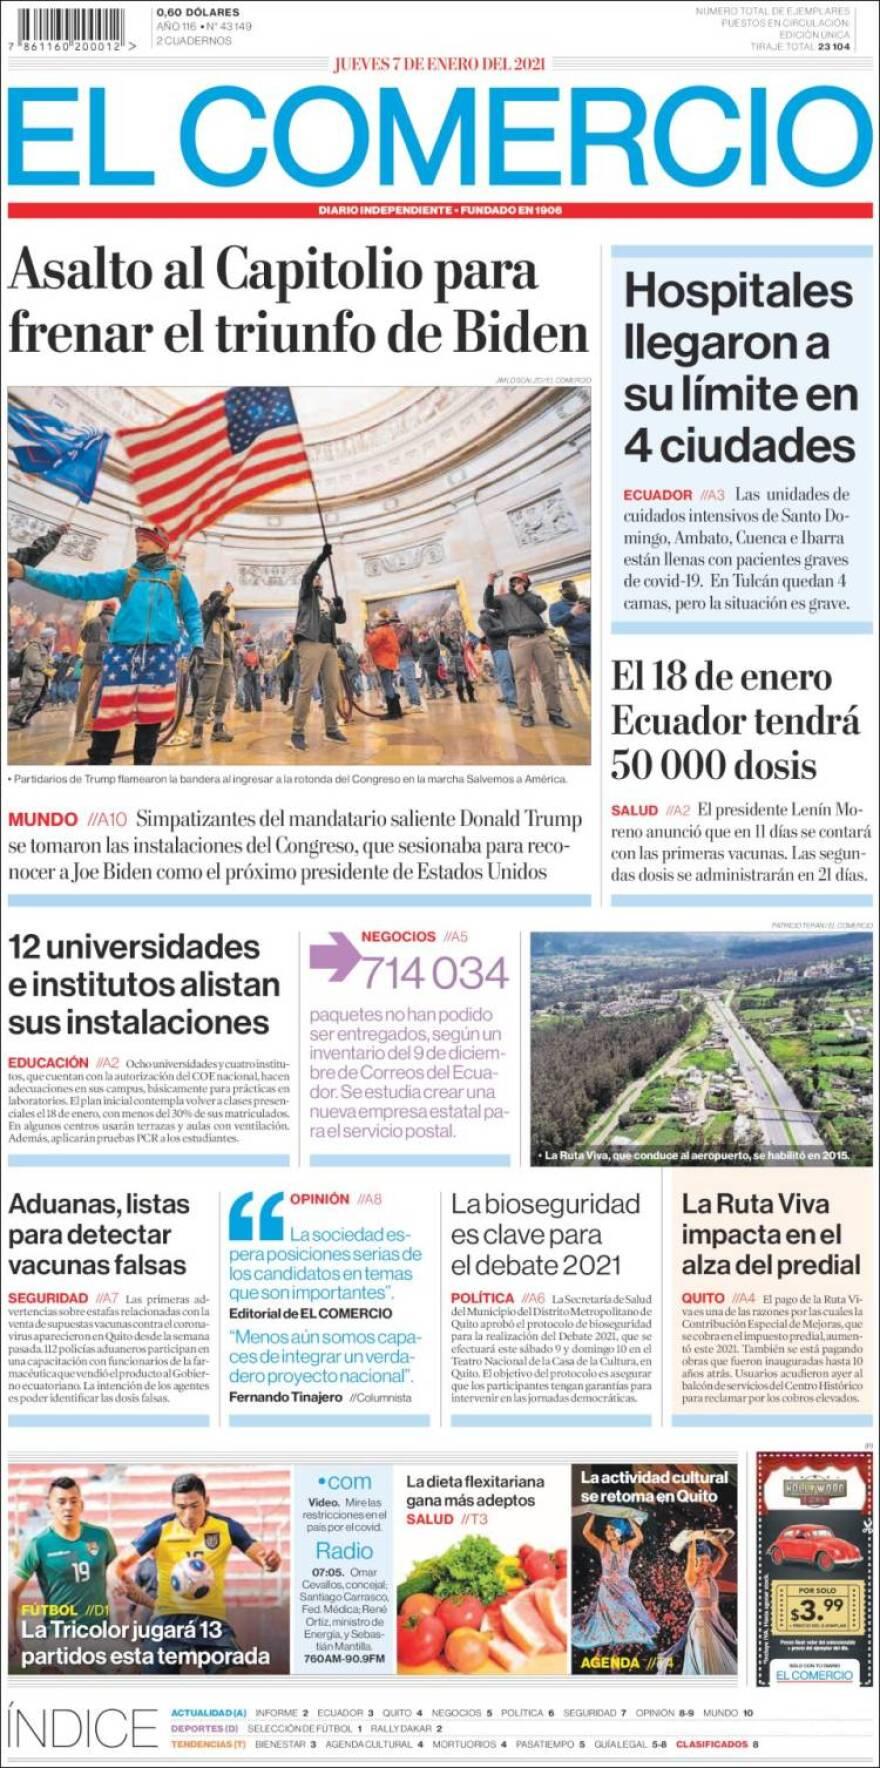 El Comercio Ecuador.jpg